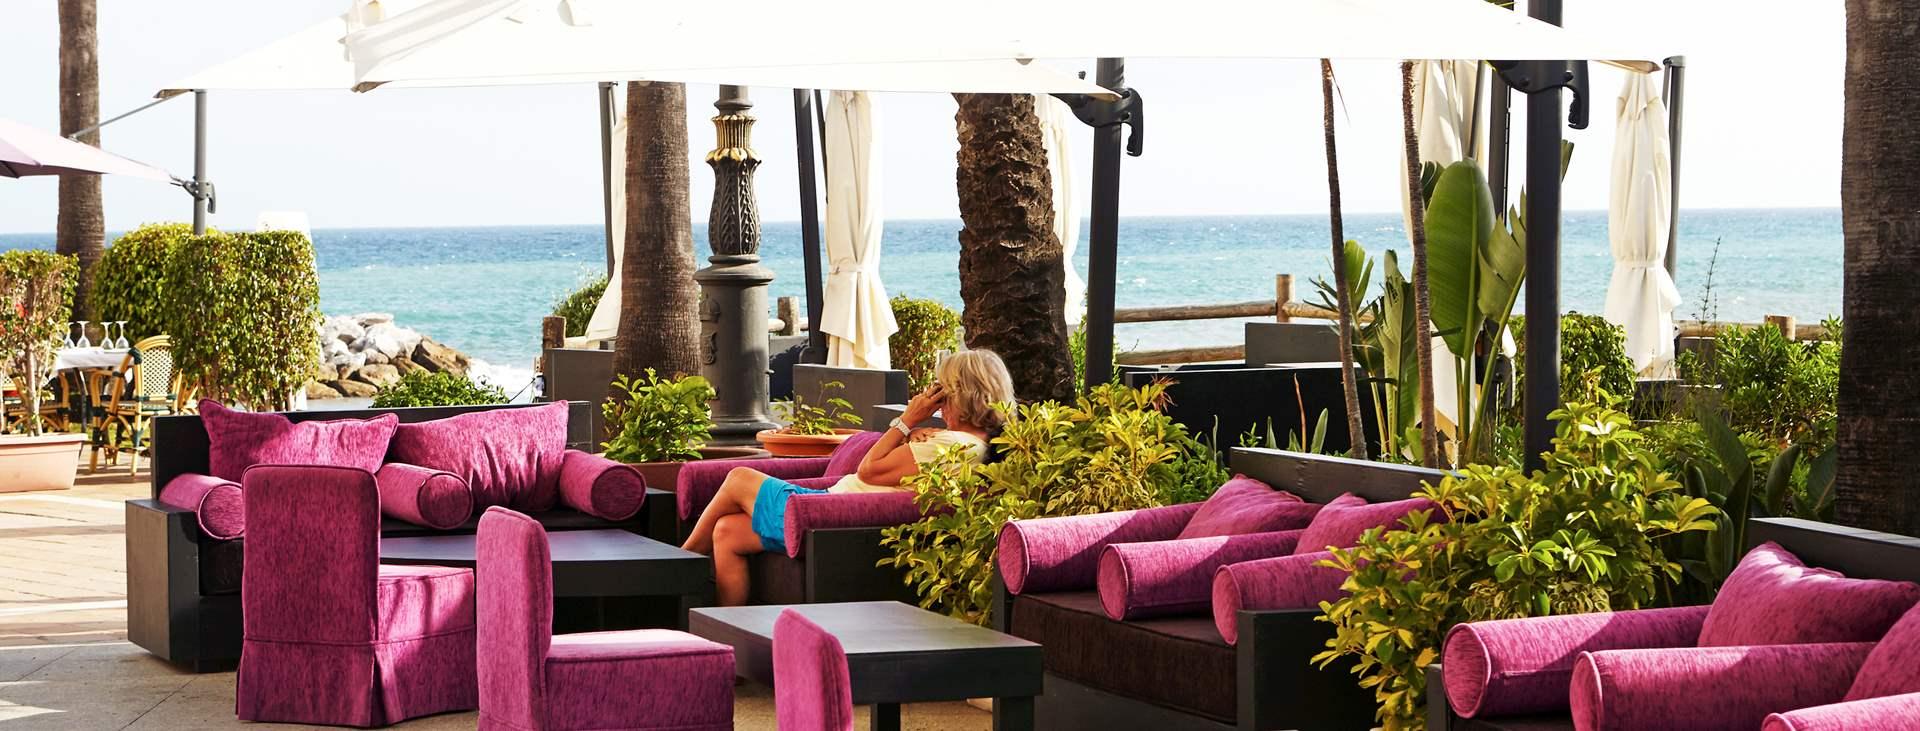 Varaa Tjäreborgin matka viehättävään Marbellaan, Costa del Solille